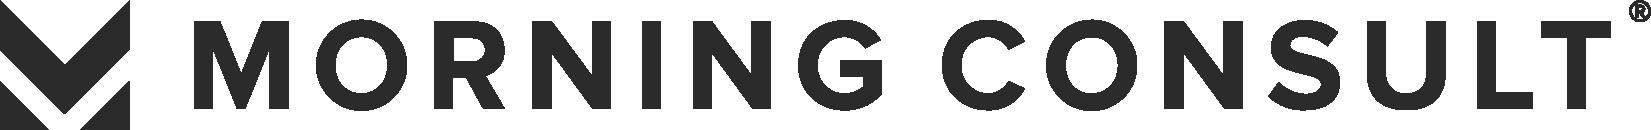 Morning Consult Logo